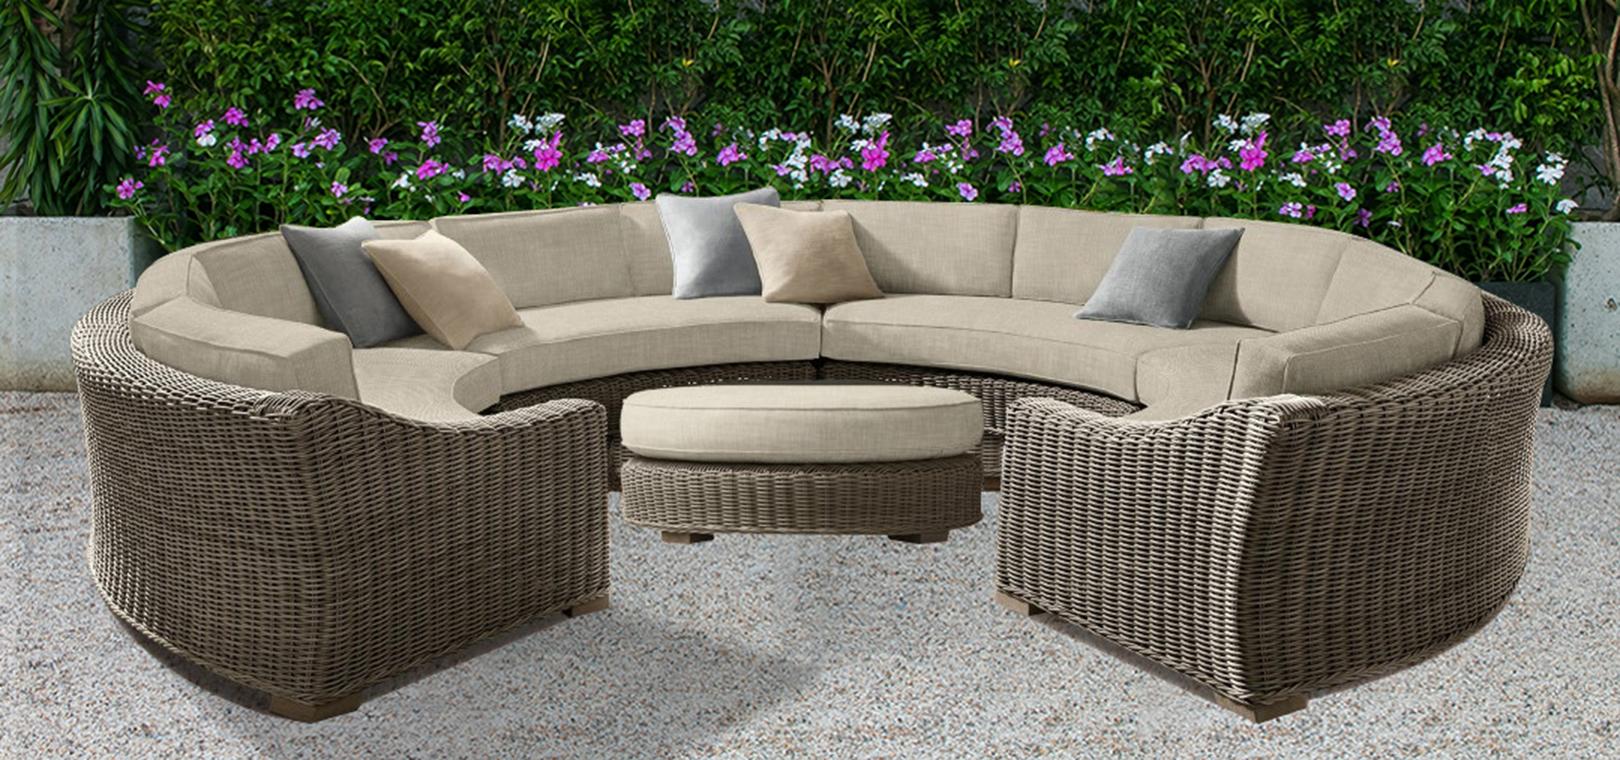 Alan Collection Outdoor Sofa 4